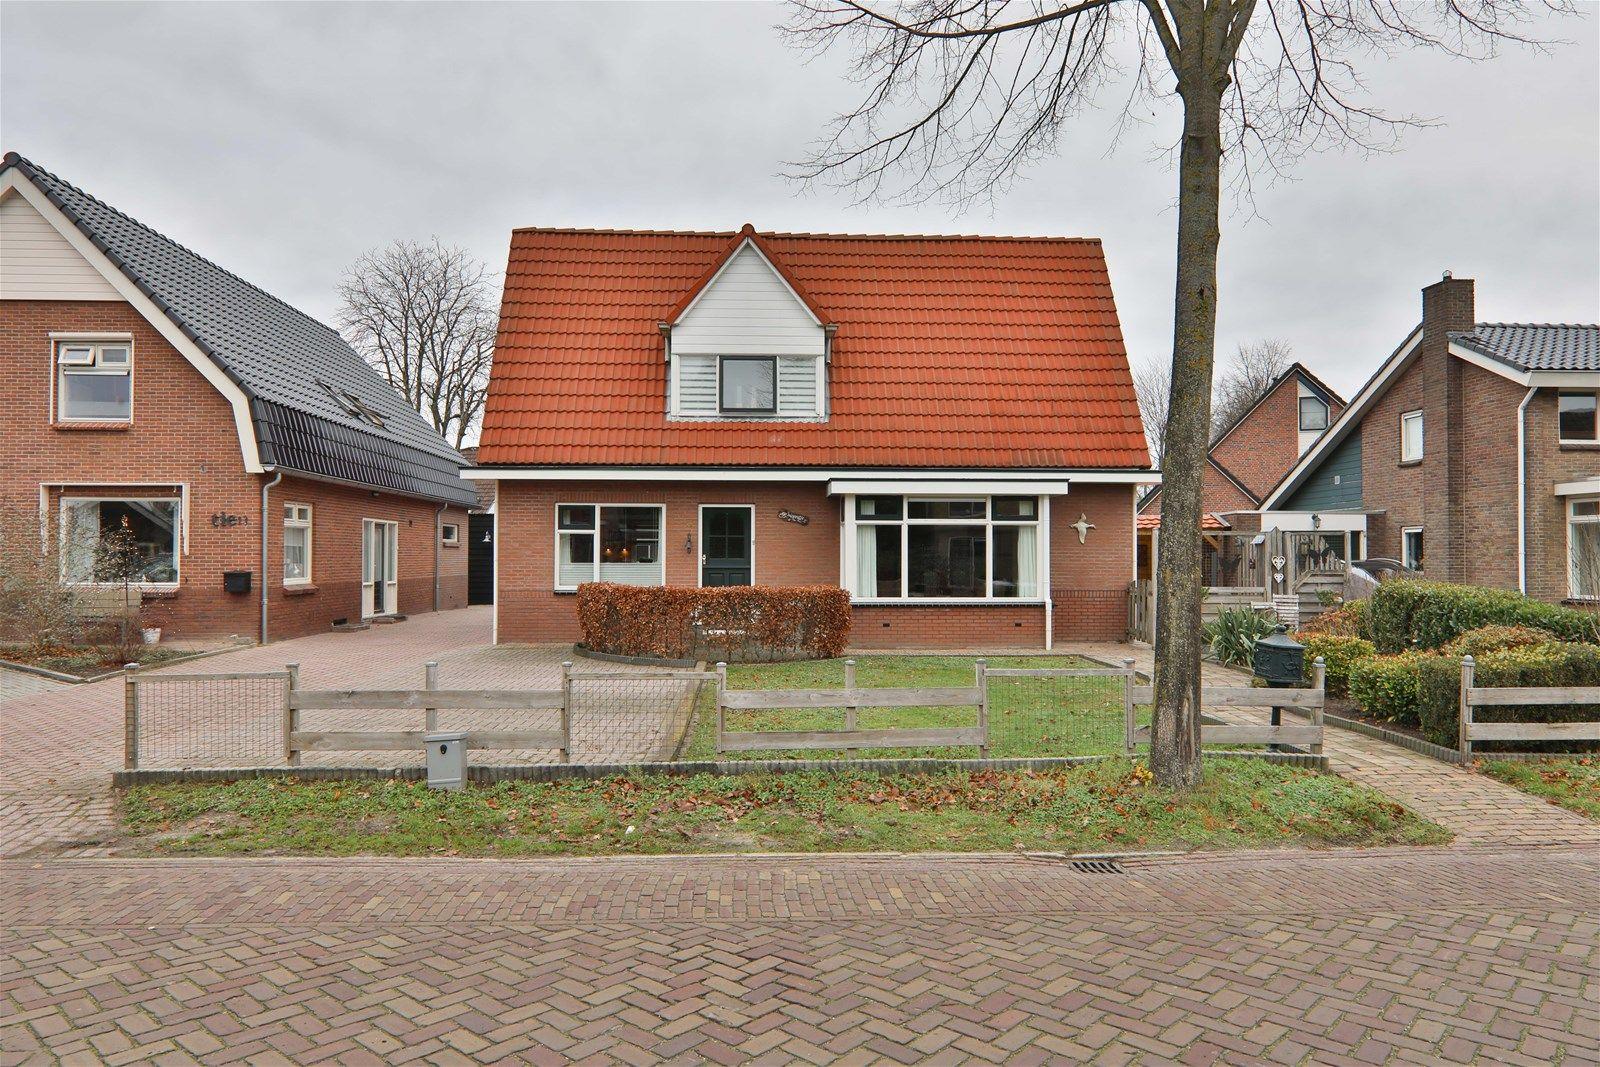 Burgemeester Tonckensstraat 8, Zuidwolde